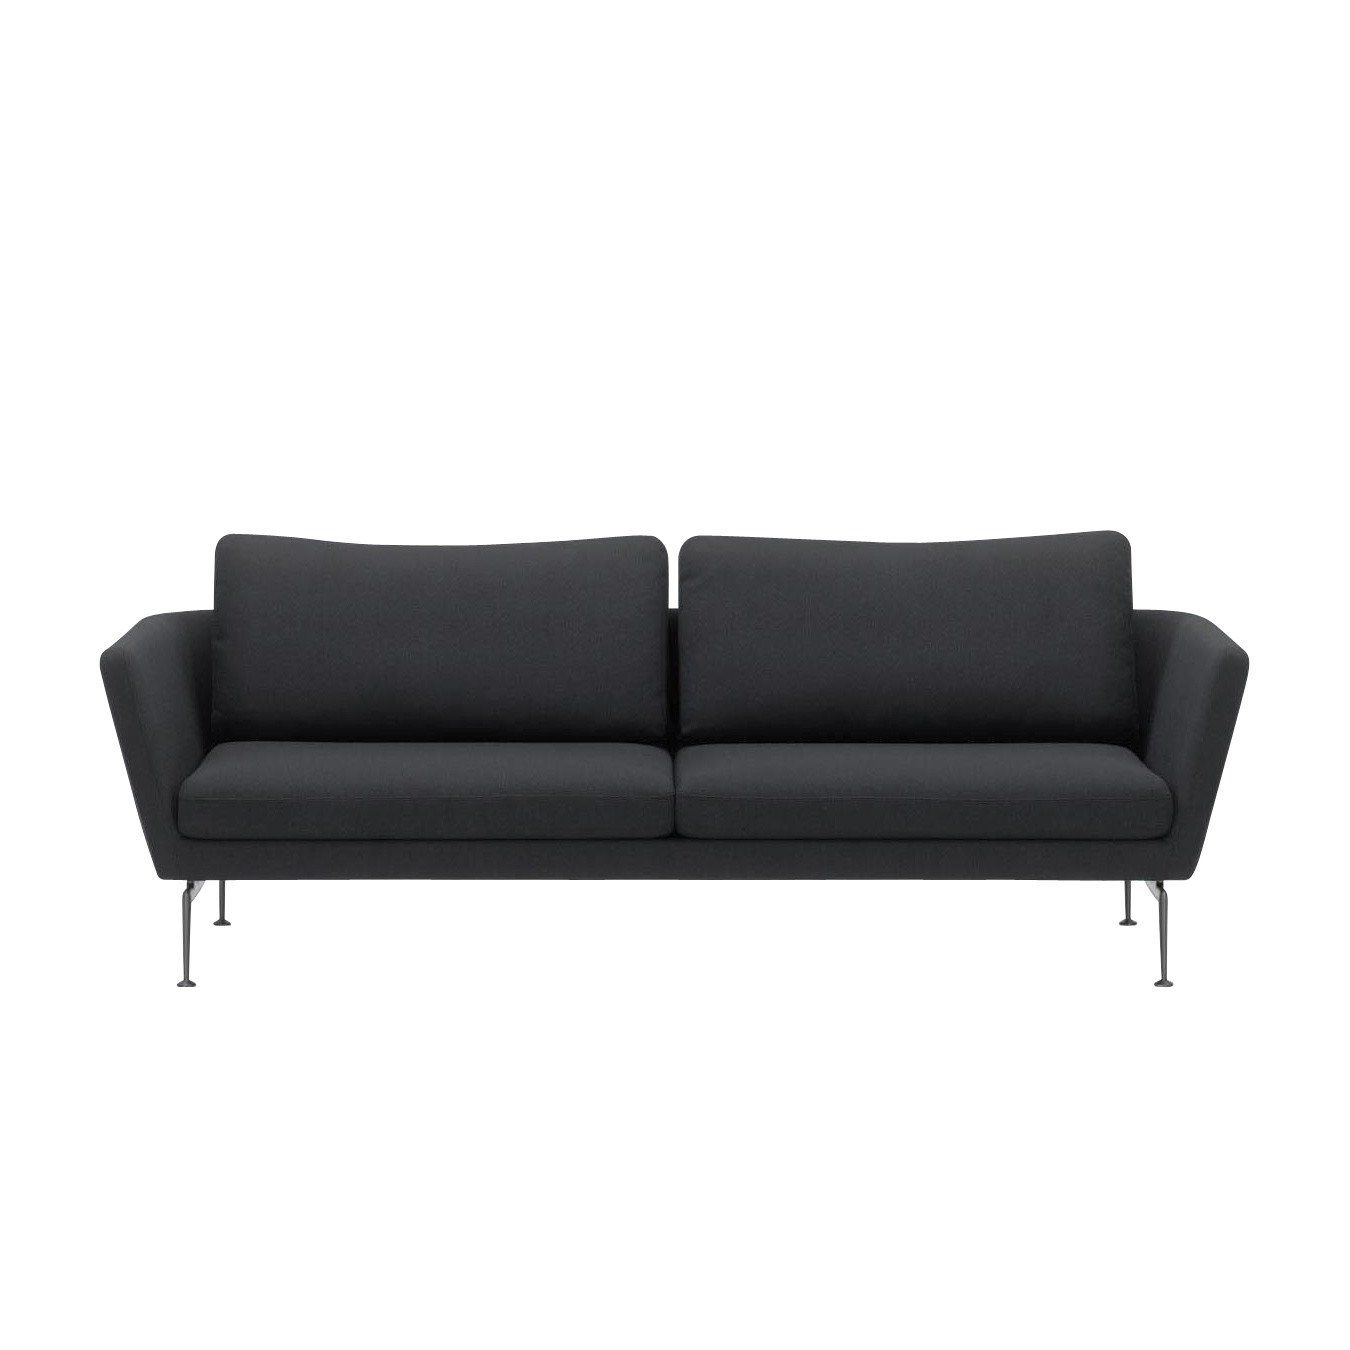 Vitra Suita Citterio 3 Seater Sofa Black Frame Aluminium Fabric Laser